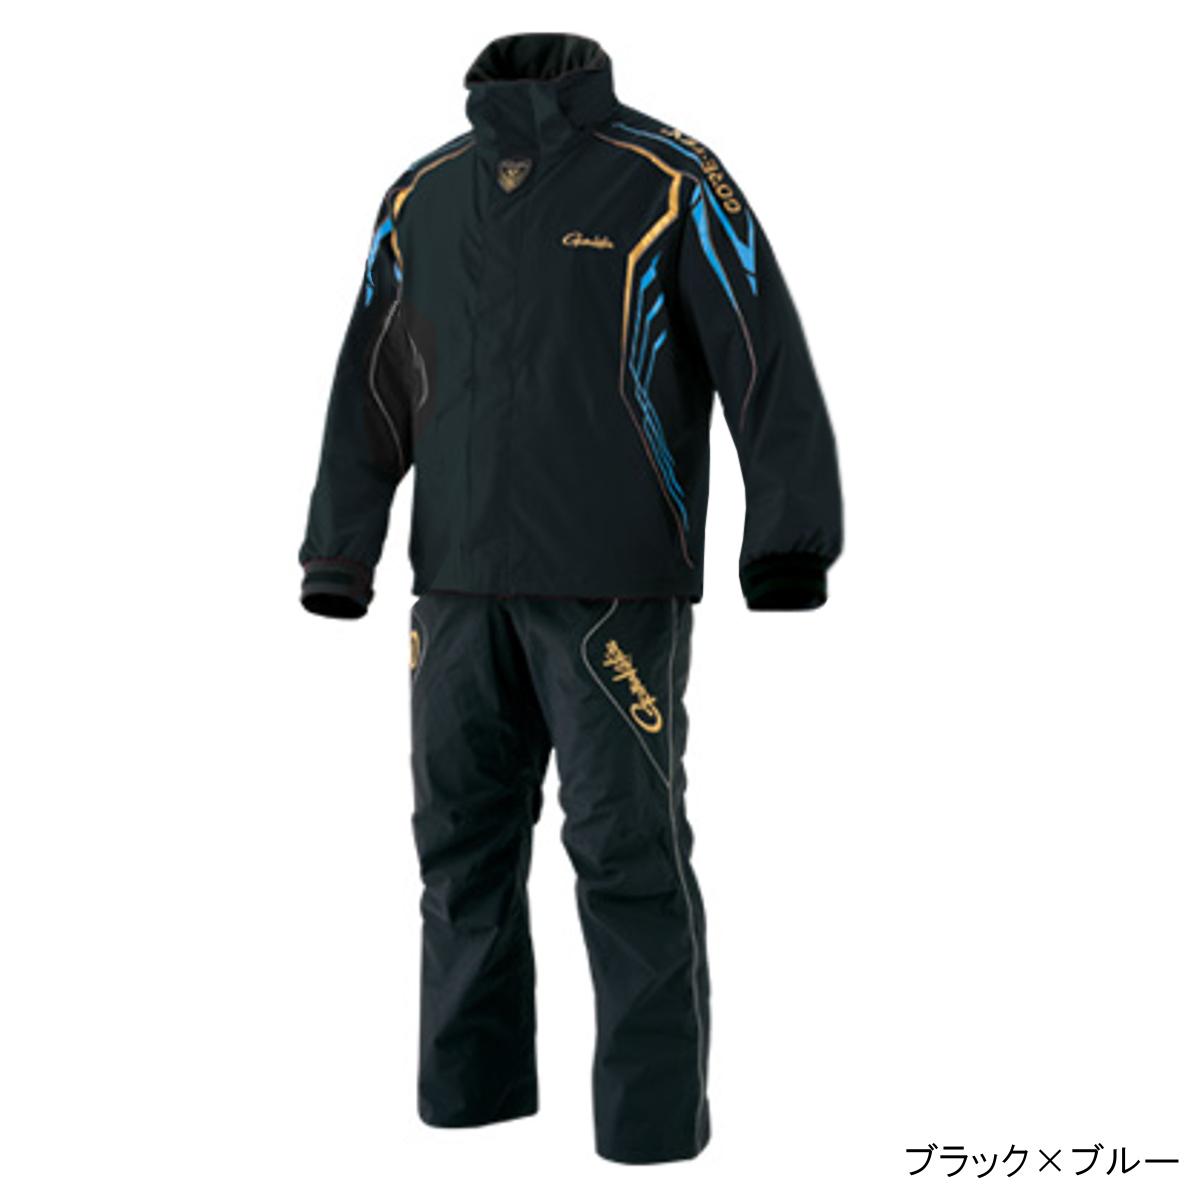 ゴアテックス レインスーツ GM-3500 L ブラック×ブルー【送料無料】